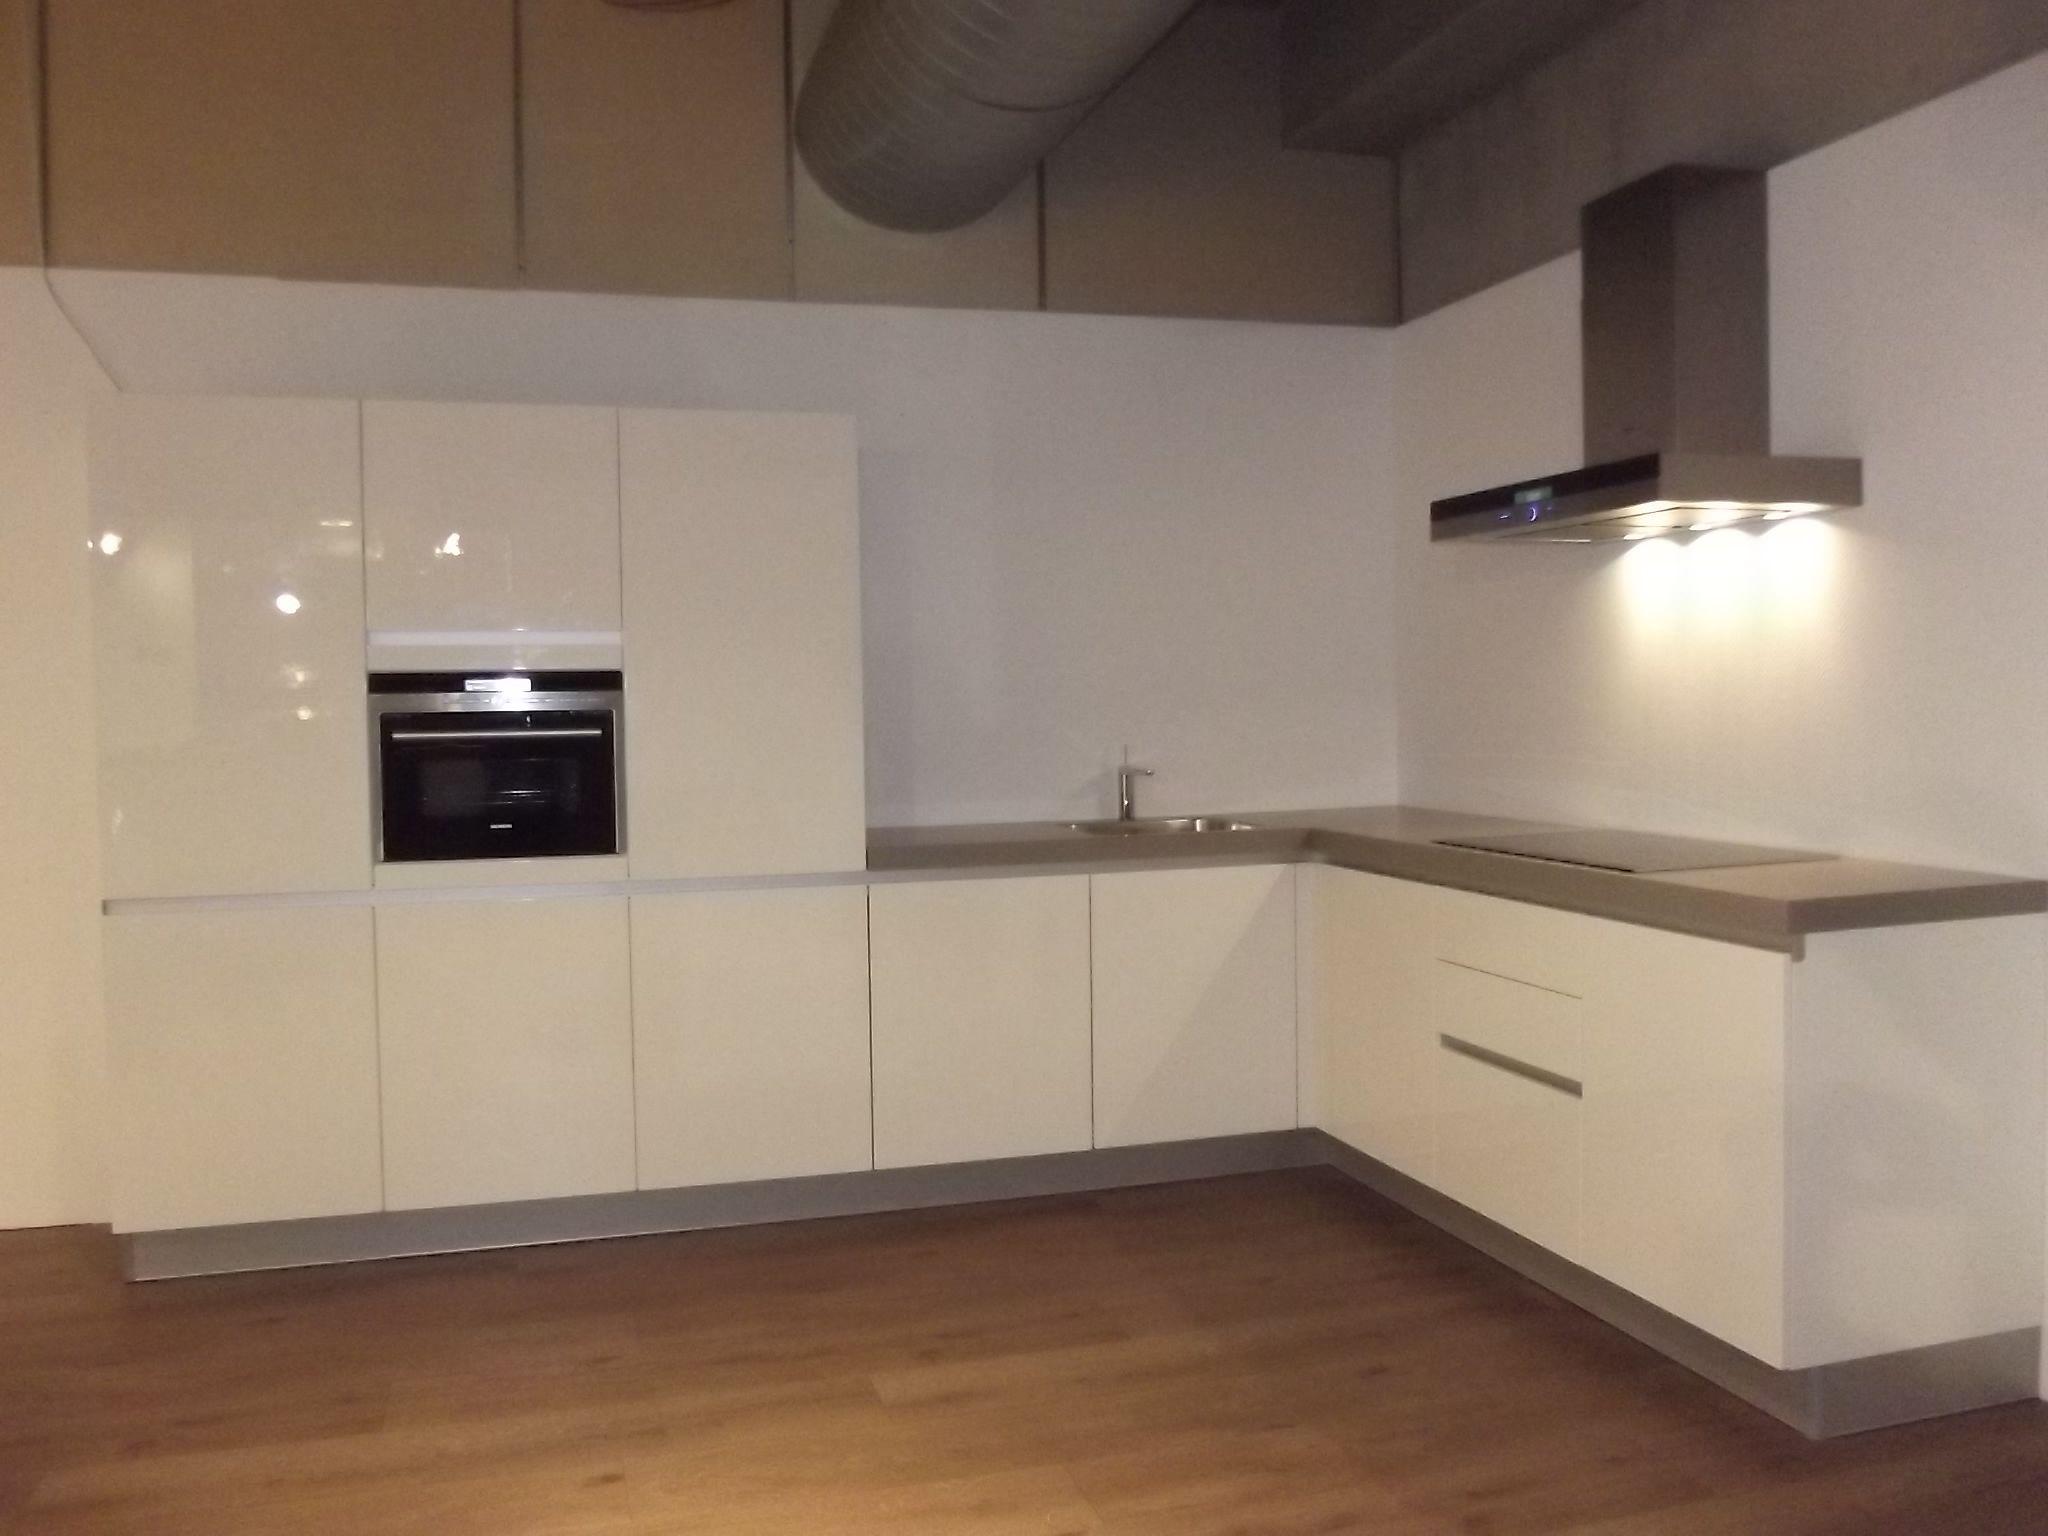 Aanbevolen siemens keukens inspirerende idee n ontwerp met foto 39 s en voorbeelden - Afbeelding van keuken amenagee ...